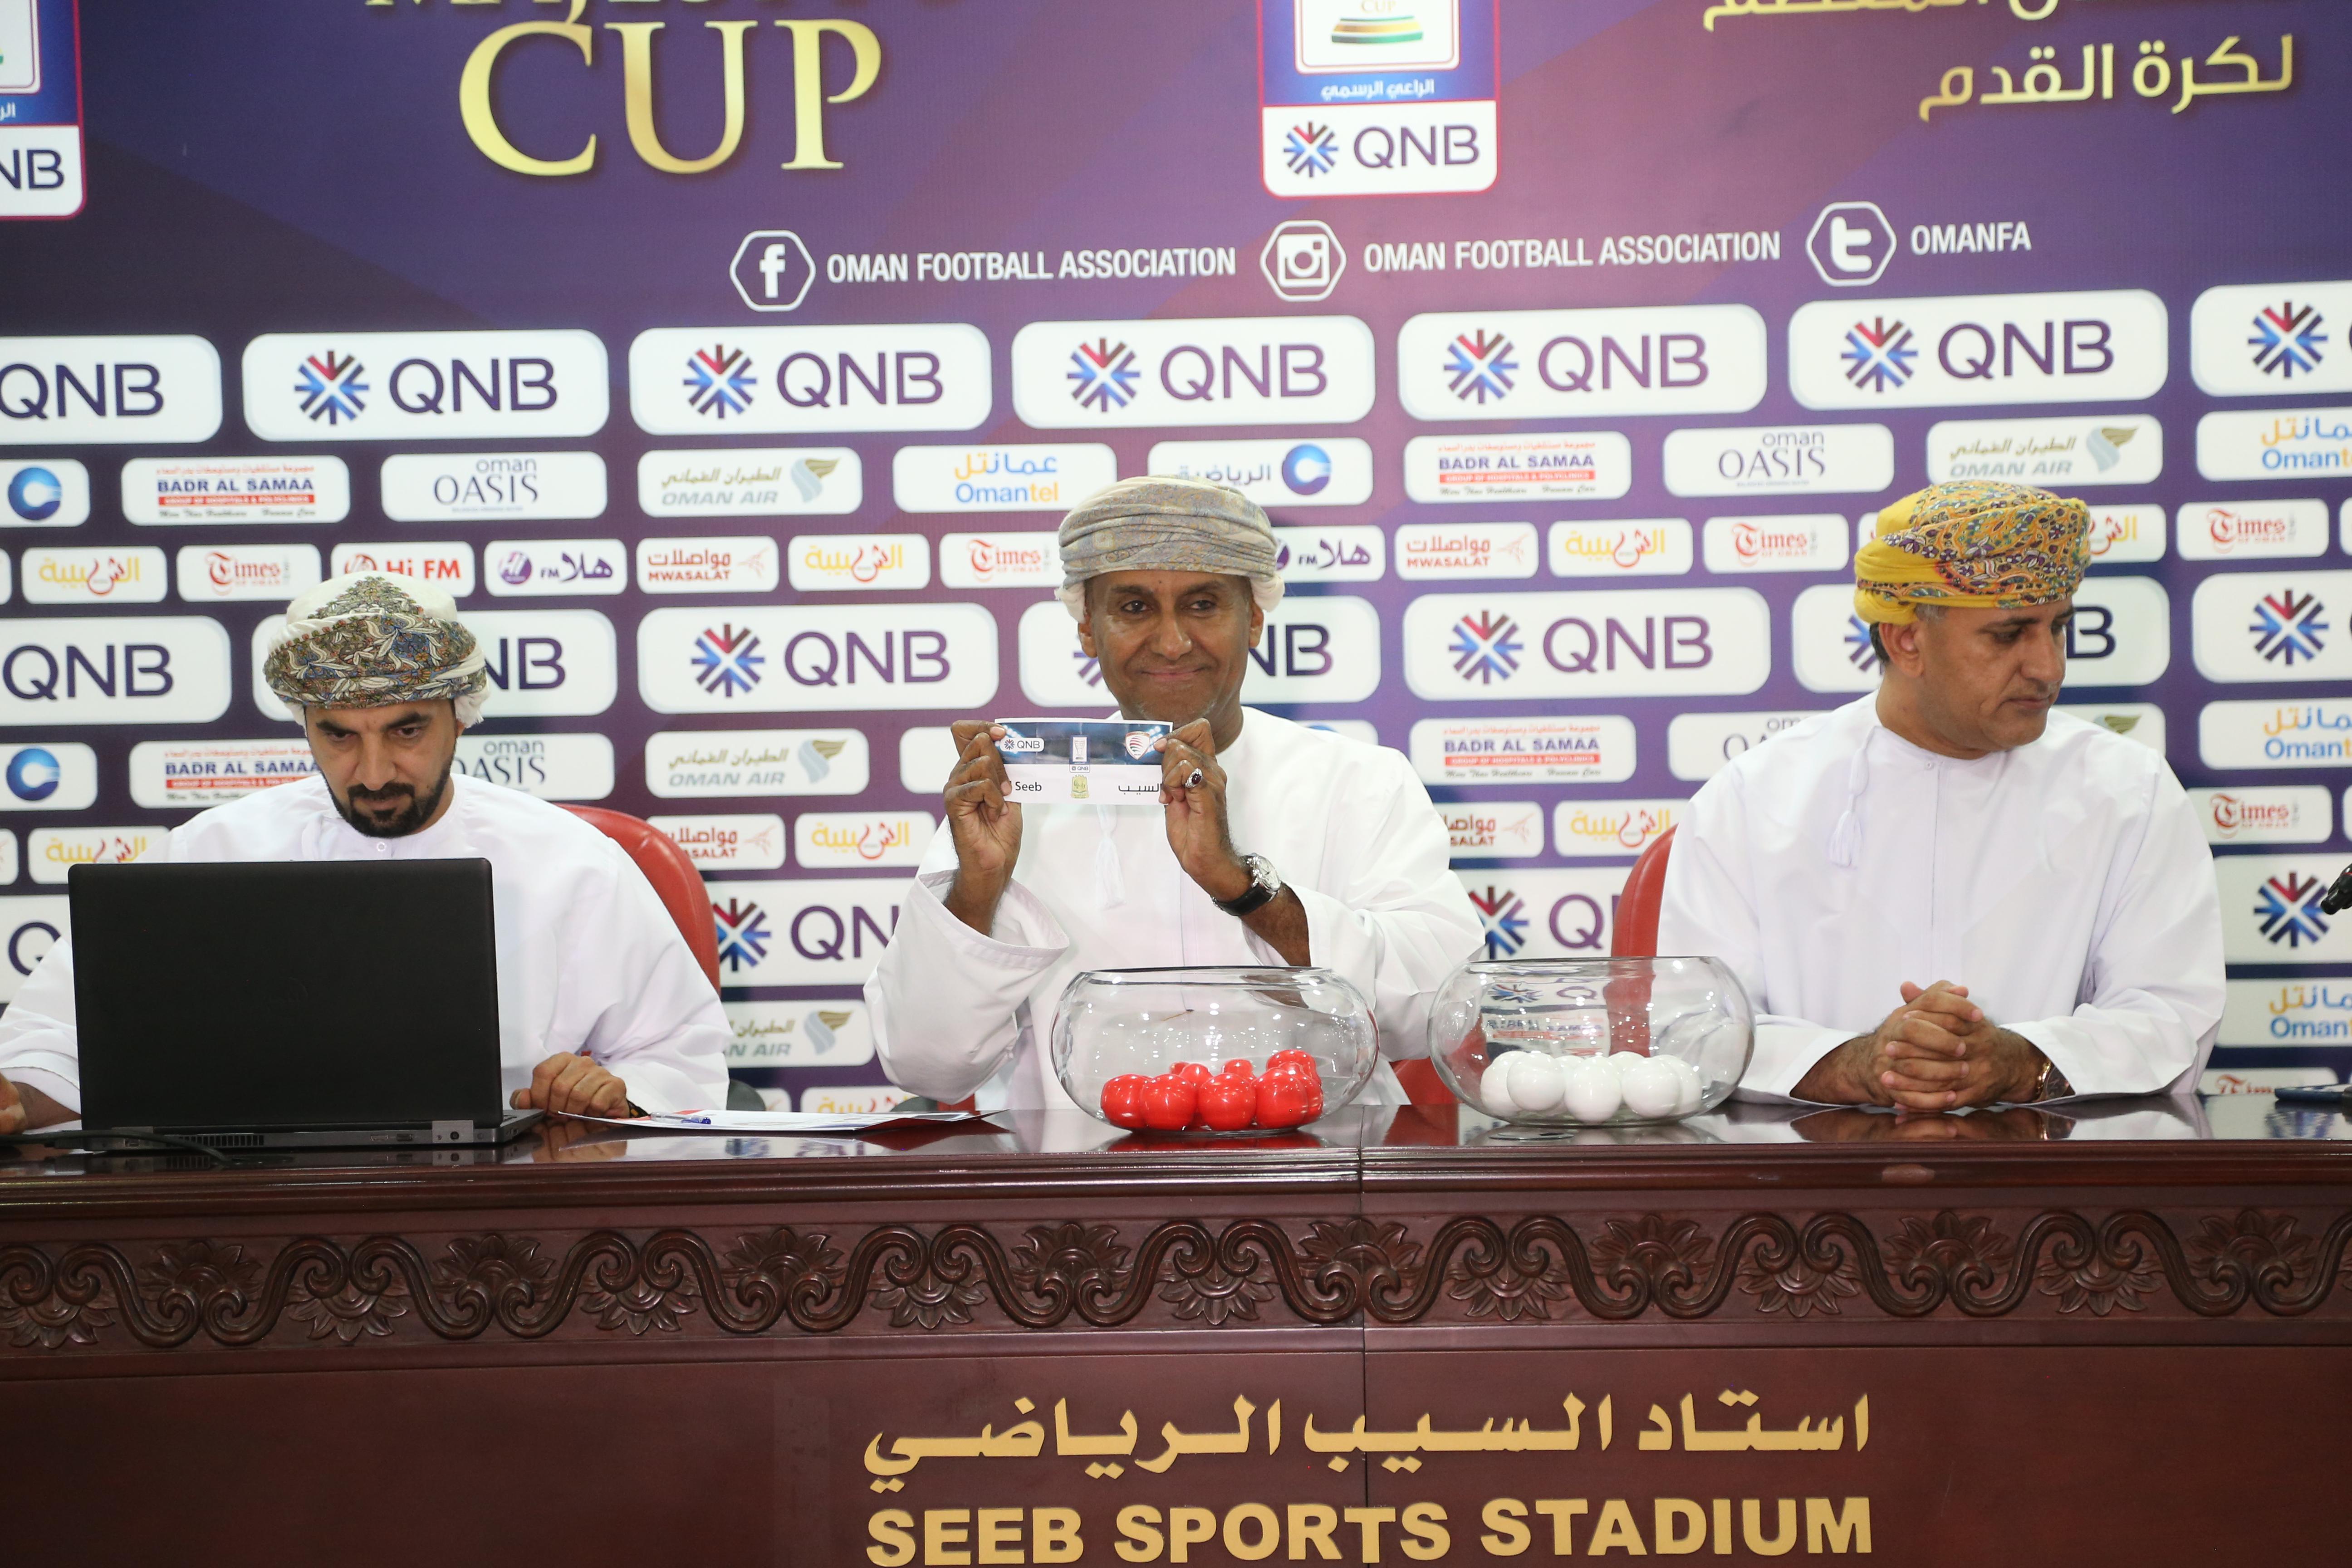 في مسابقة كأس جلالة السلطان قمة الزعيم والأمبراطور أقوى مواجهات دور الـ16